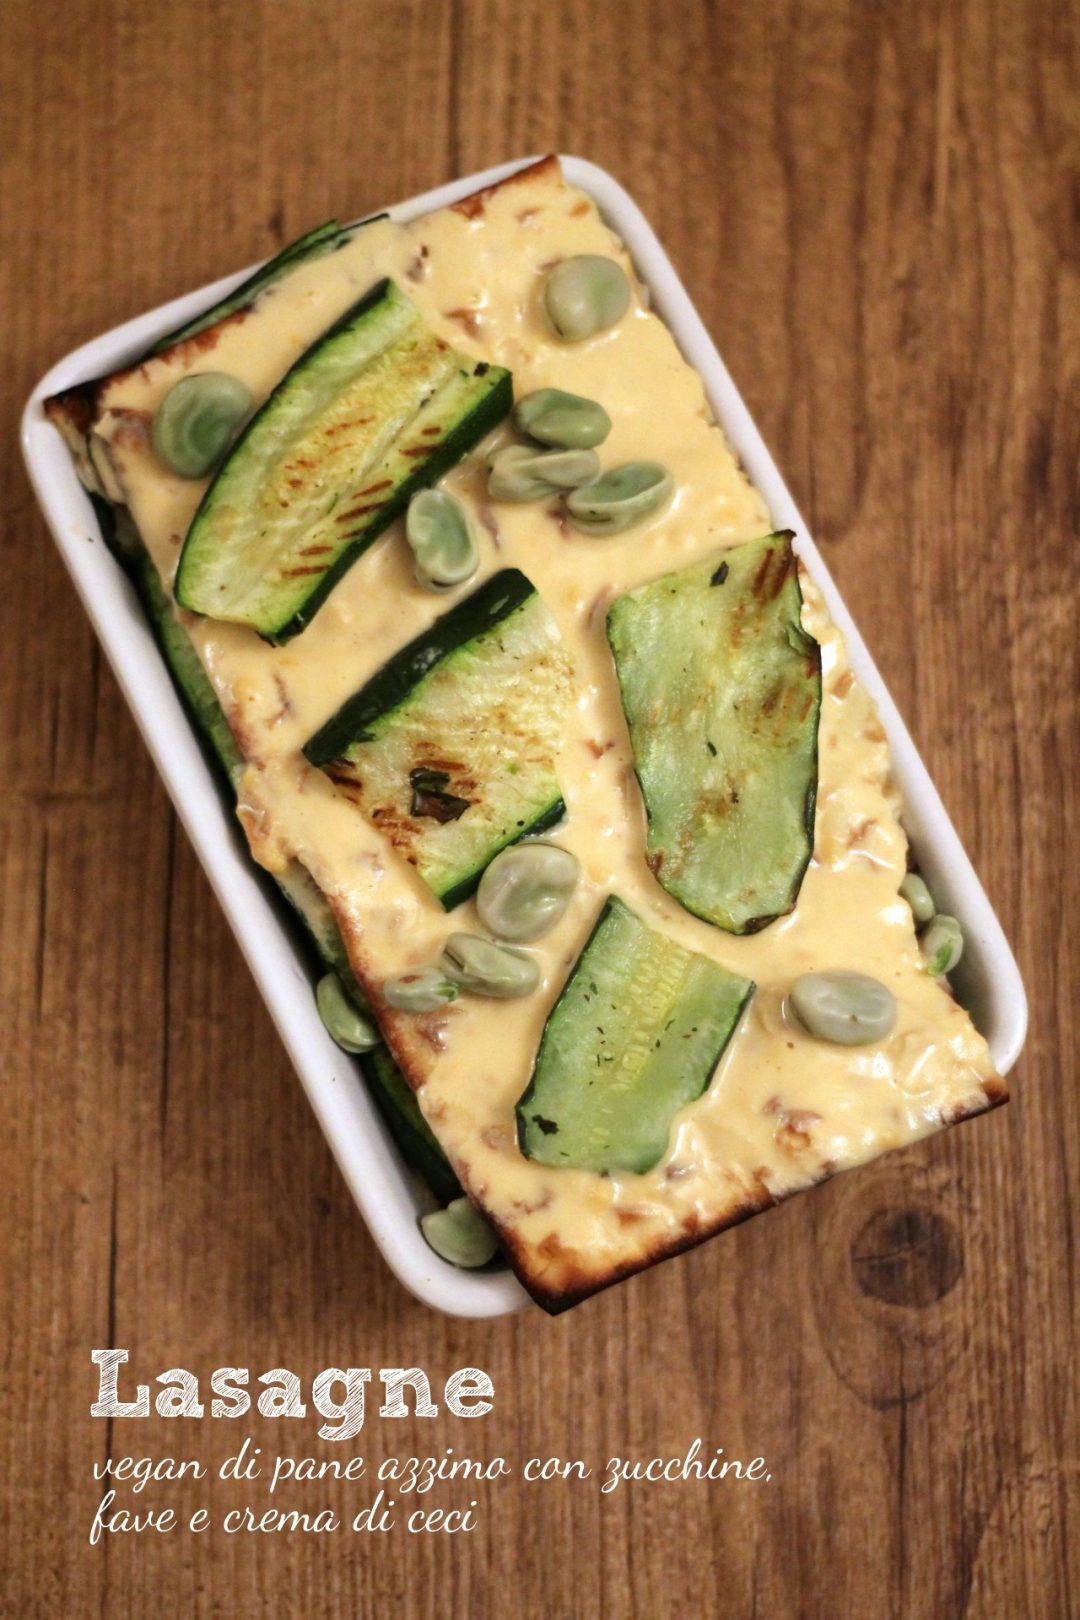 lasagne-pane-azzimo-zucchine-fave-e-besciamella-vegan-di-ceci